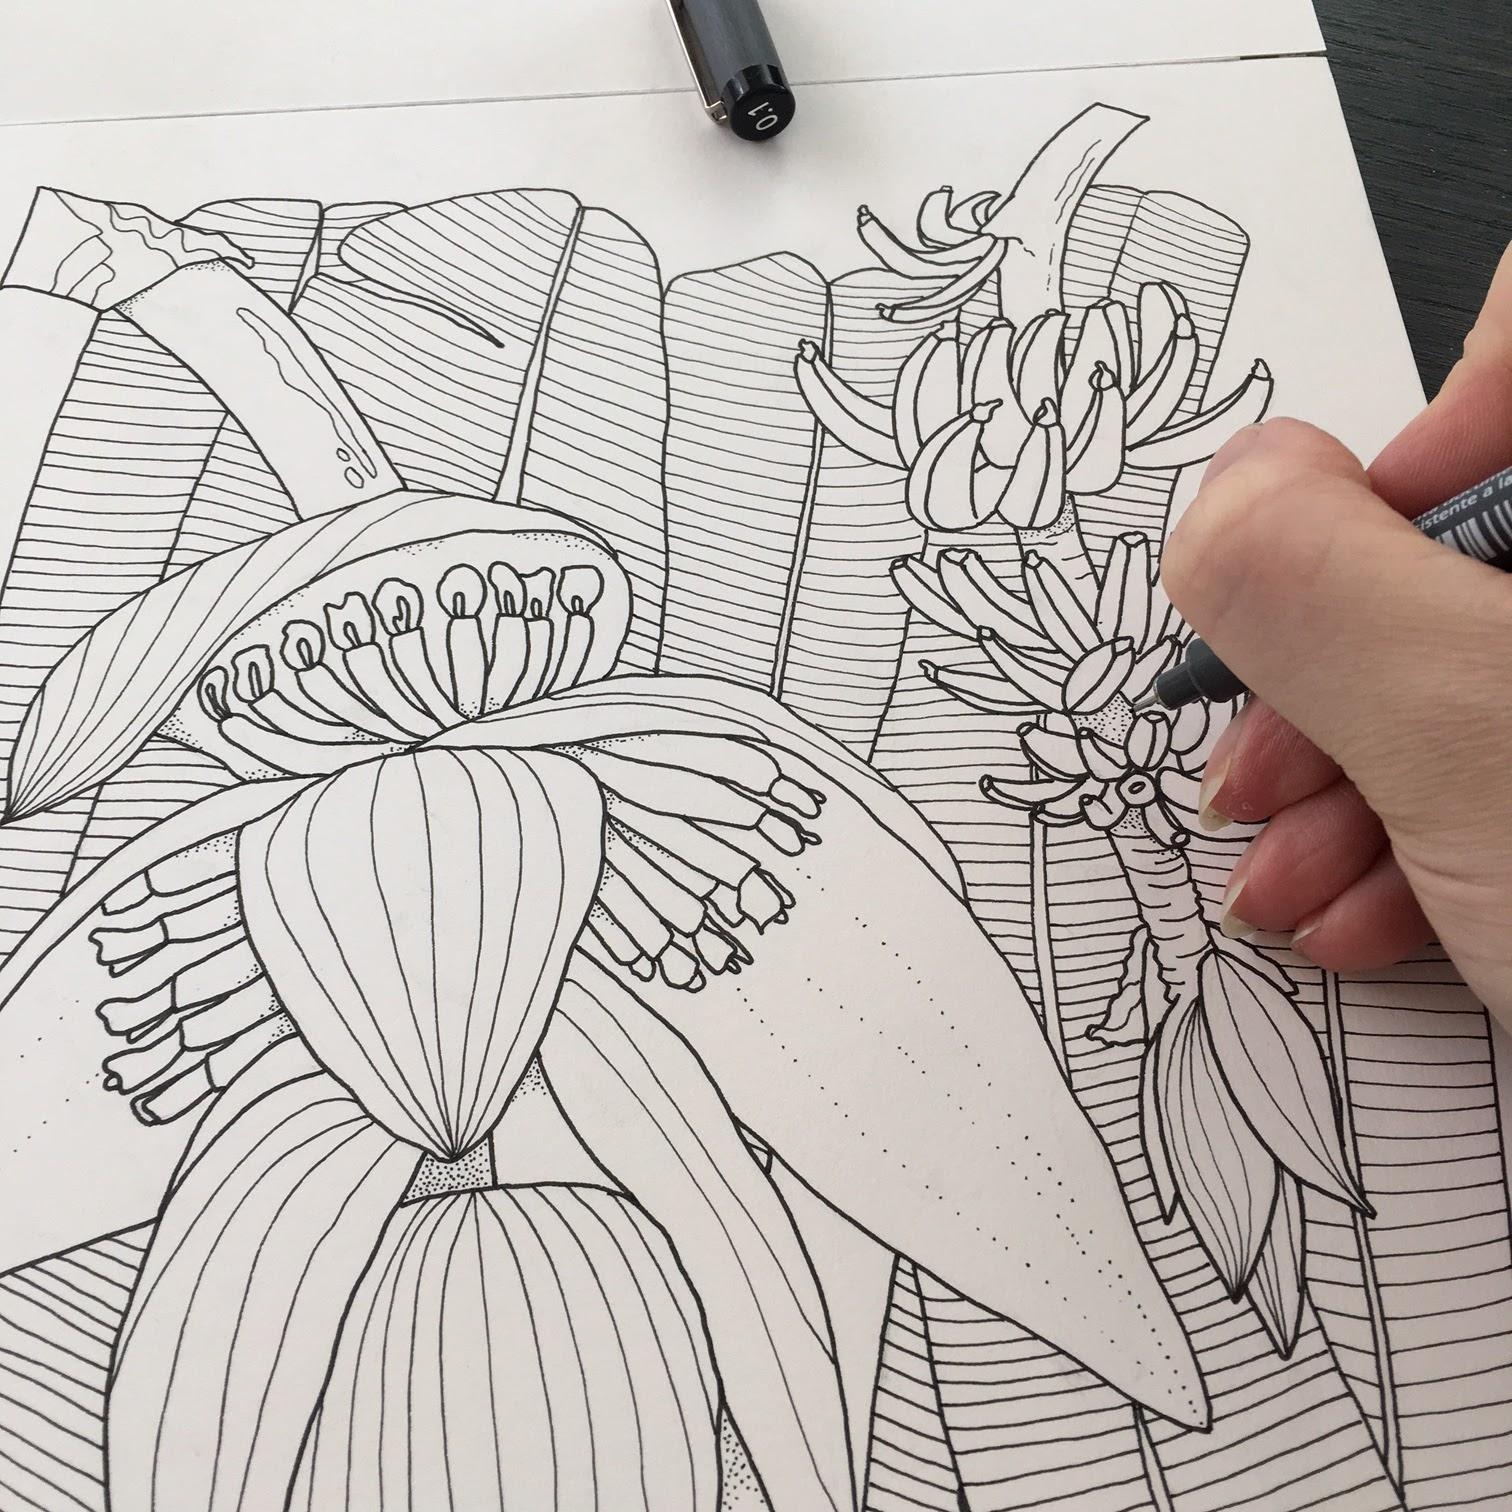 Voorbeelden Van Kleurplaten Voor Volwassenen.Schilderijen Van Orchideeen Andere Botanische Werken Kleuren Voor